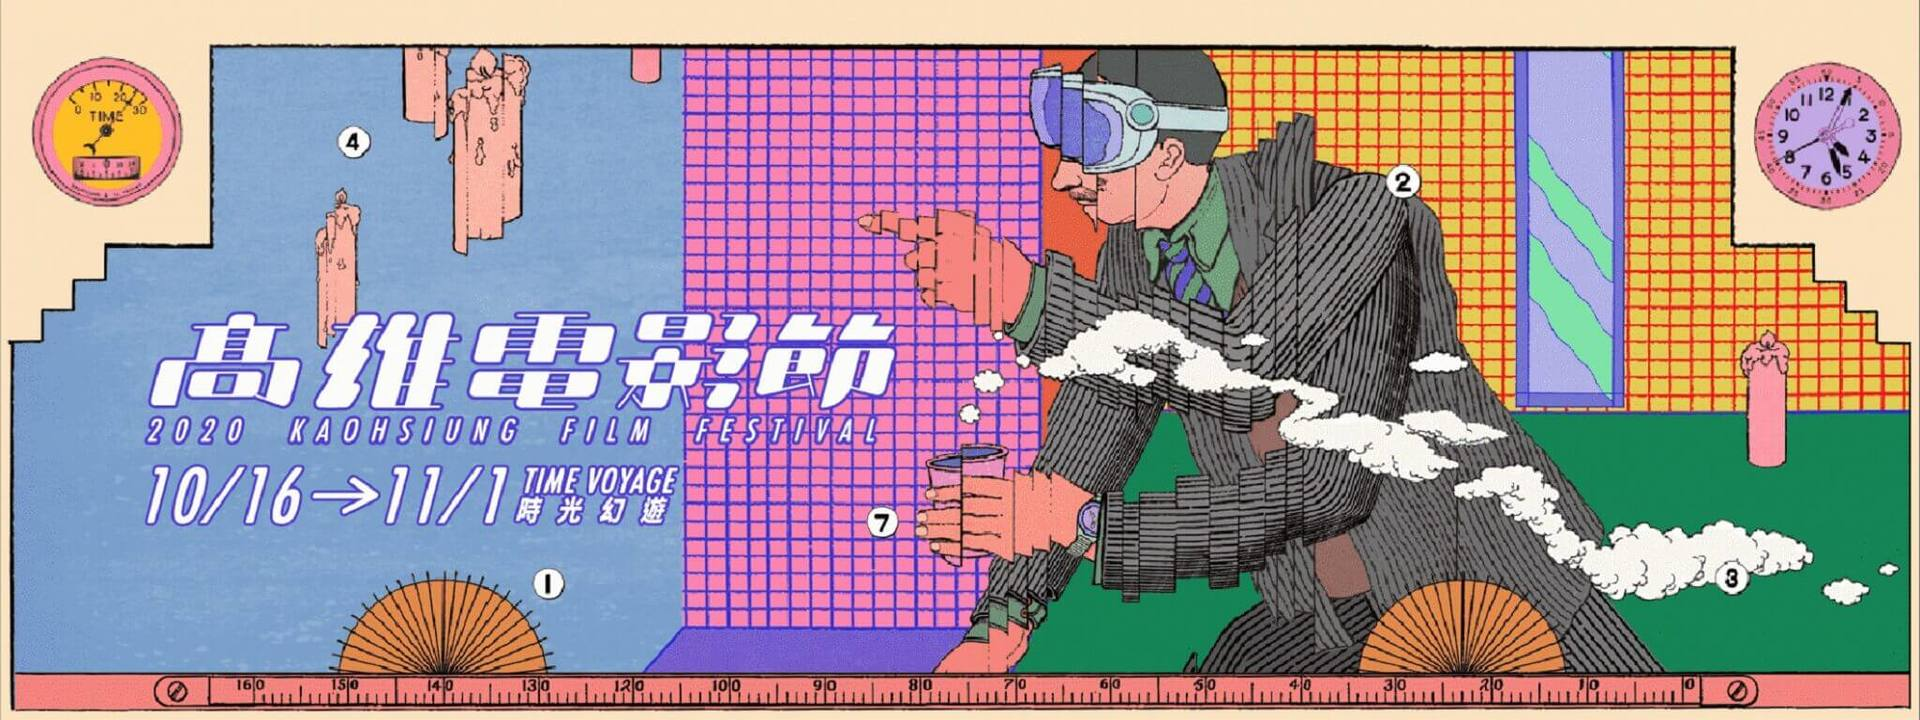 2020高雄電影節10/16開跑